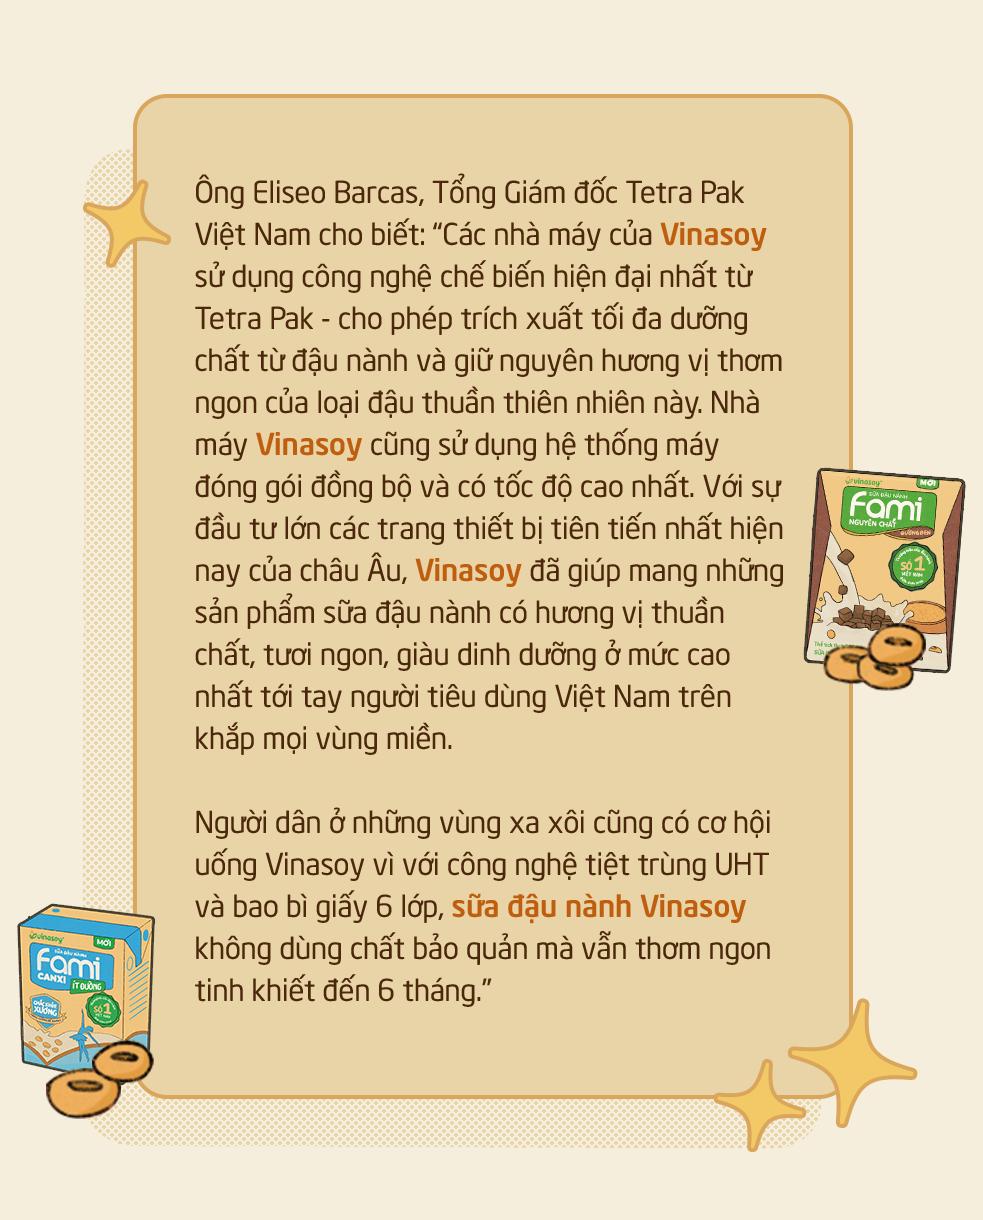 Hạt vàng đậu nành và những giá trị theo cùng sức khỏe người Việt - Ảnh 10.